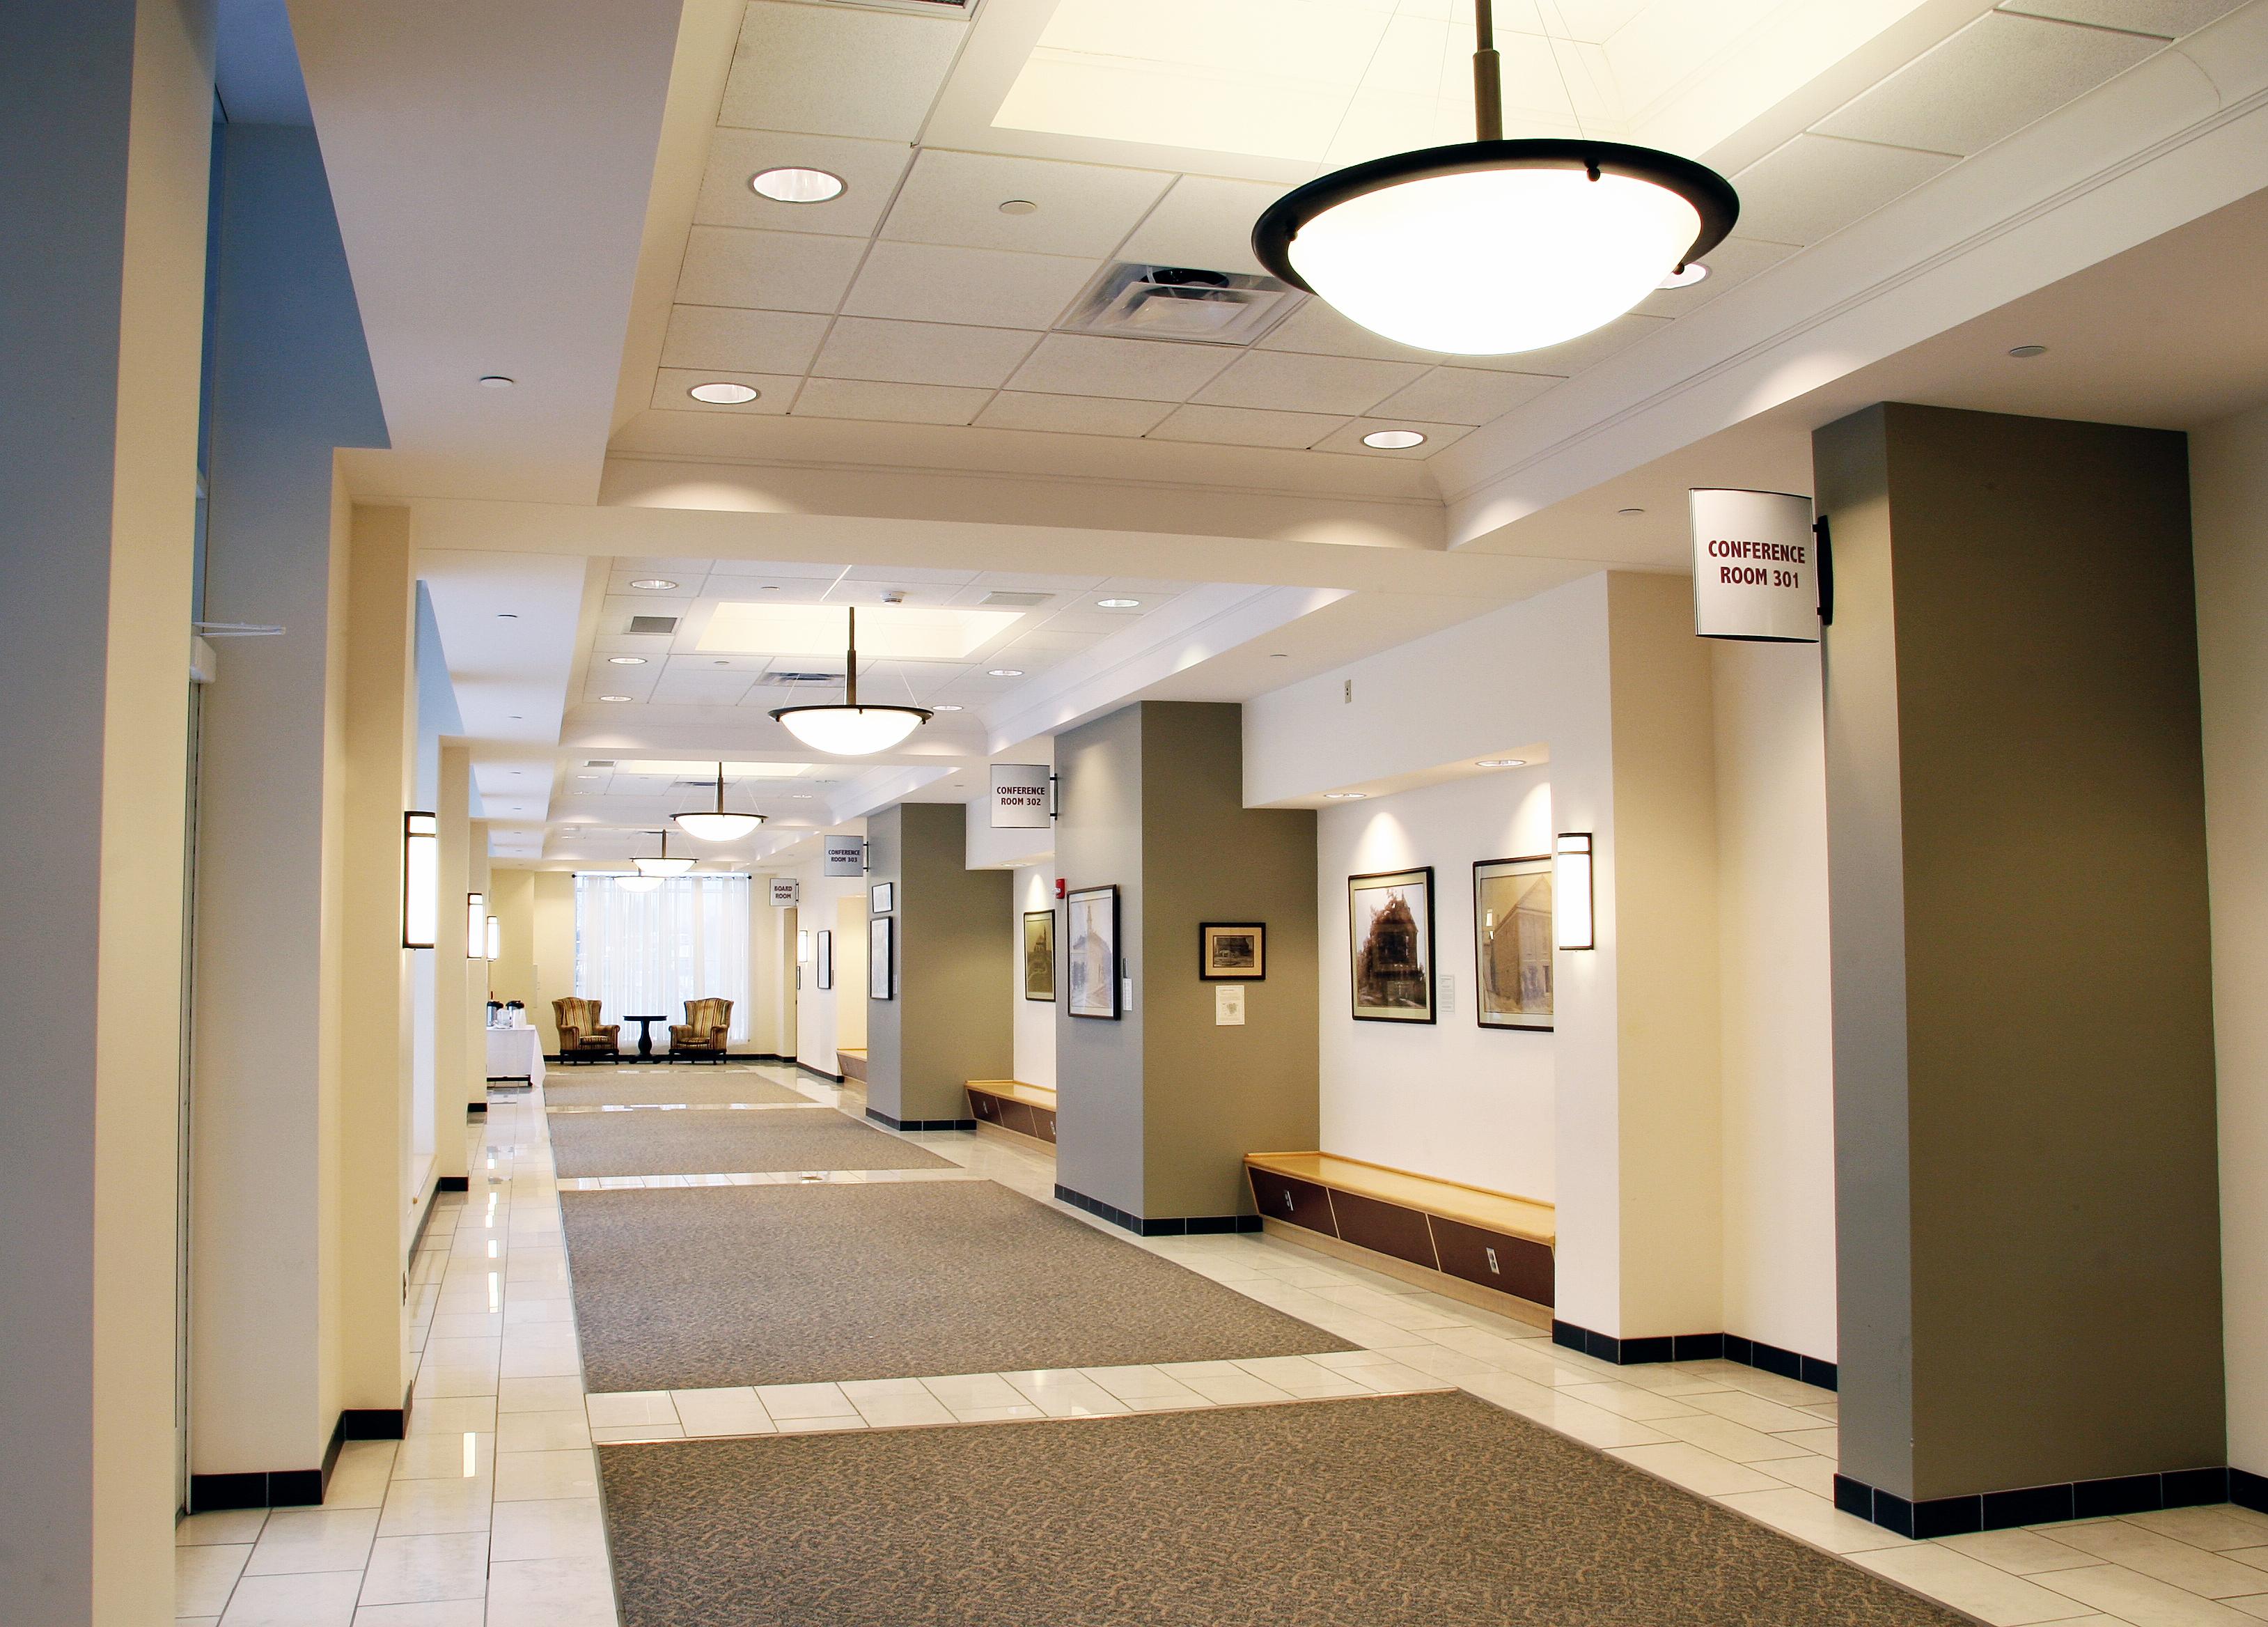 FSU Conference hallway